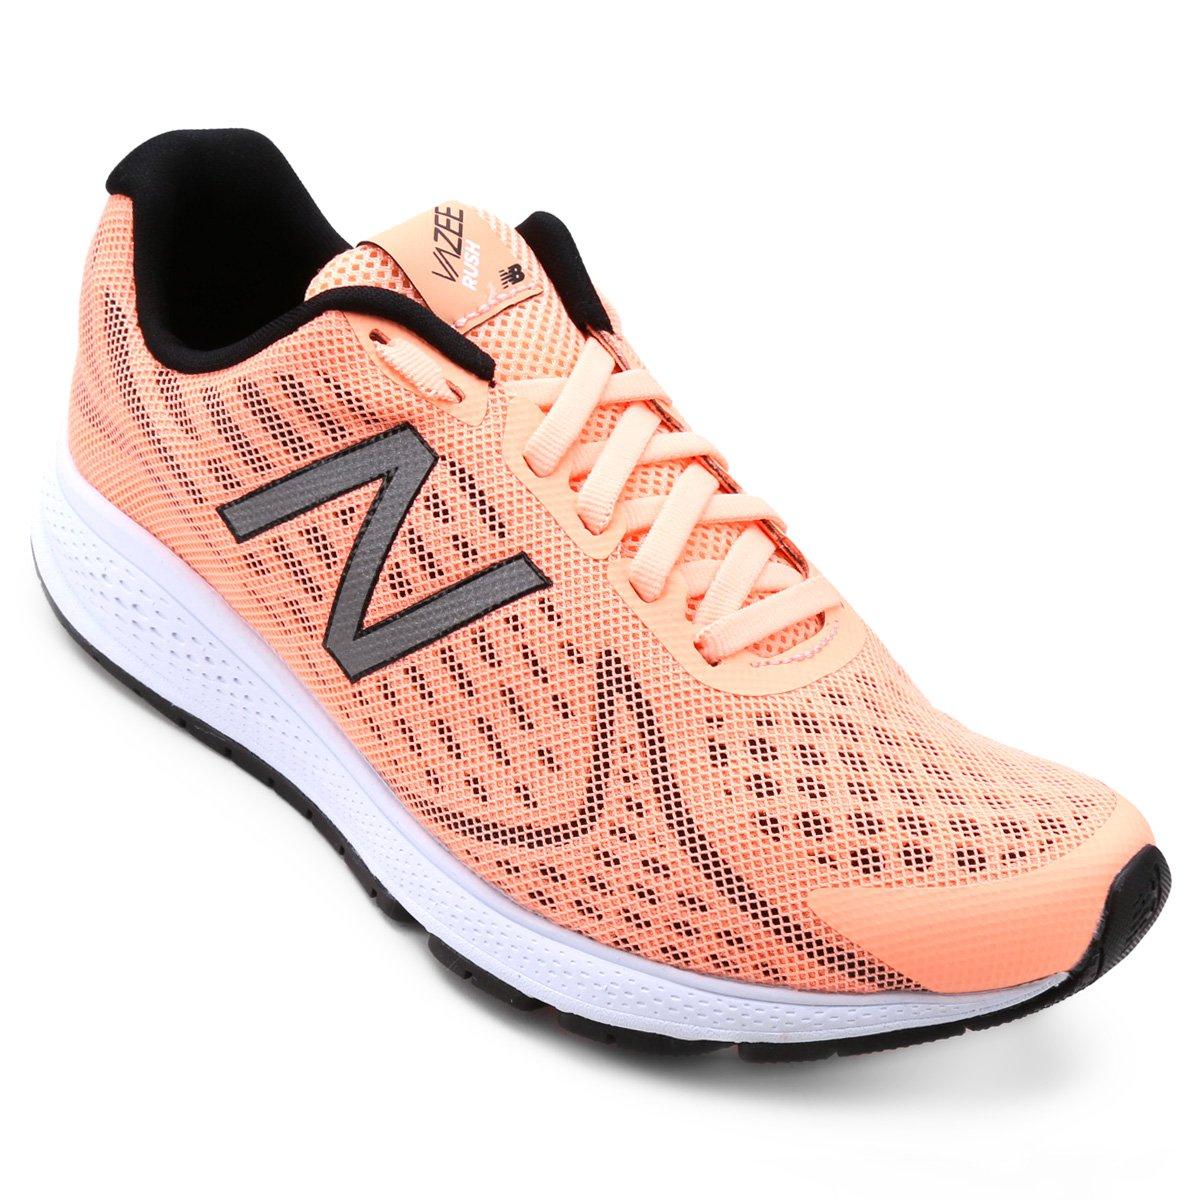 Tênis New Balance Feminino Tênis Preto Rush New e Balance Salmão V2 ww1fHrq